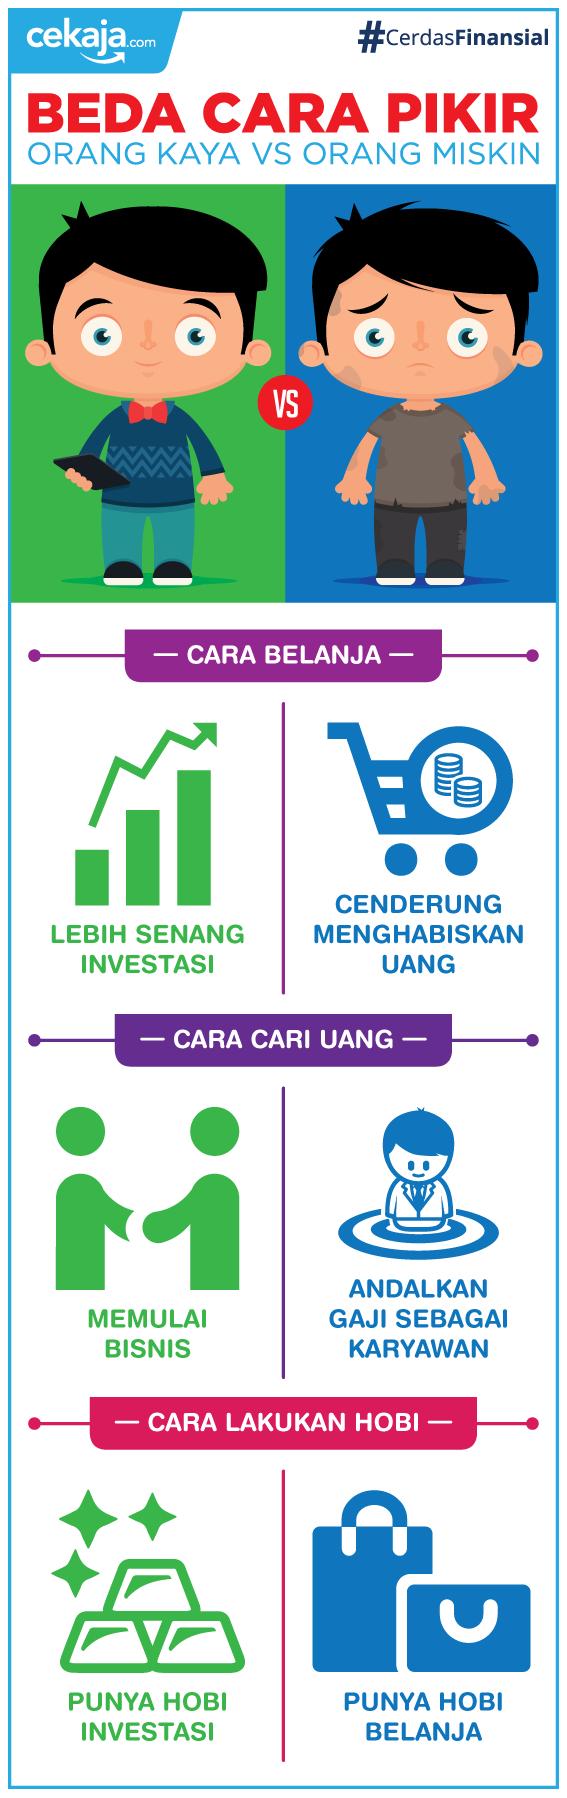 infografis-beda orang kaya dan miskin - CekAja.com